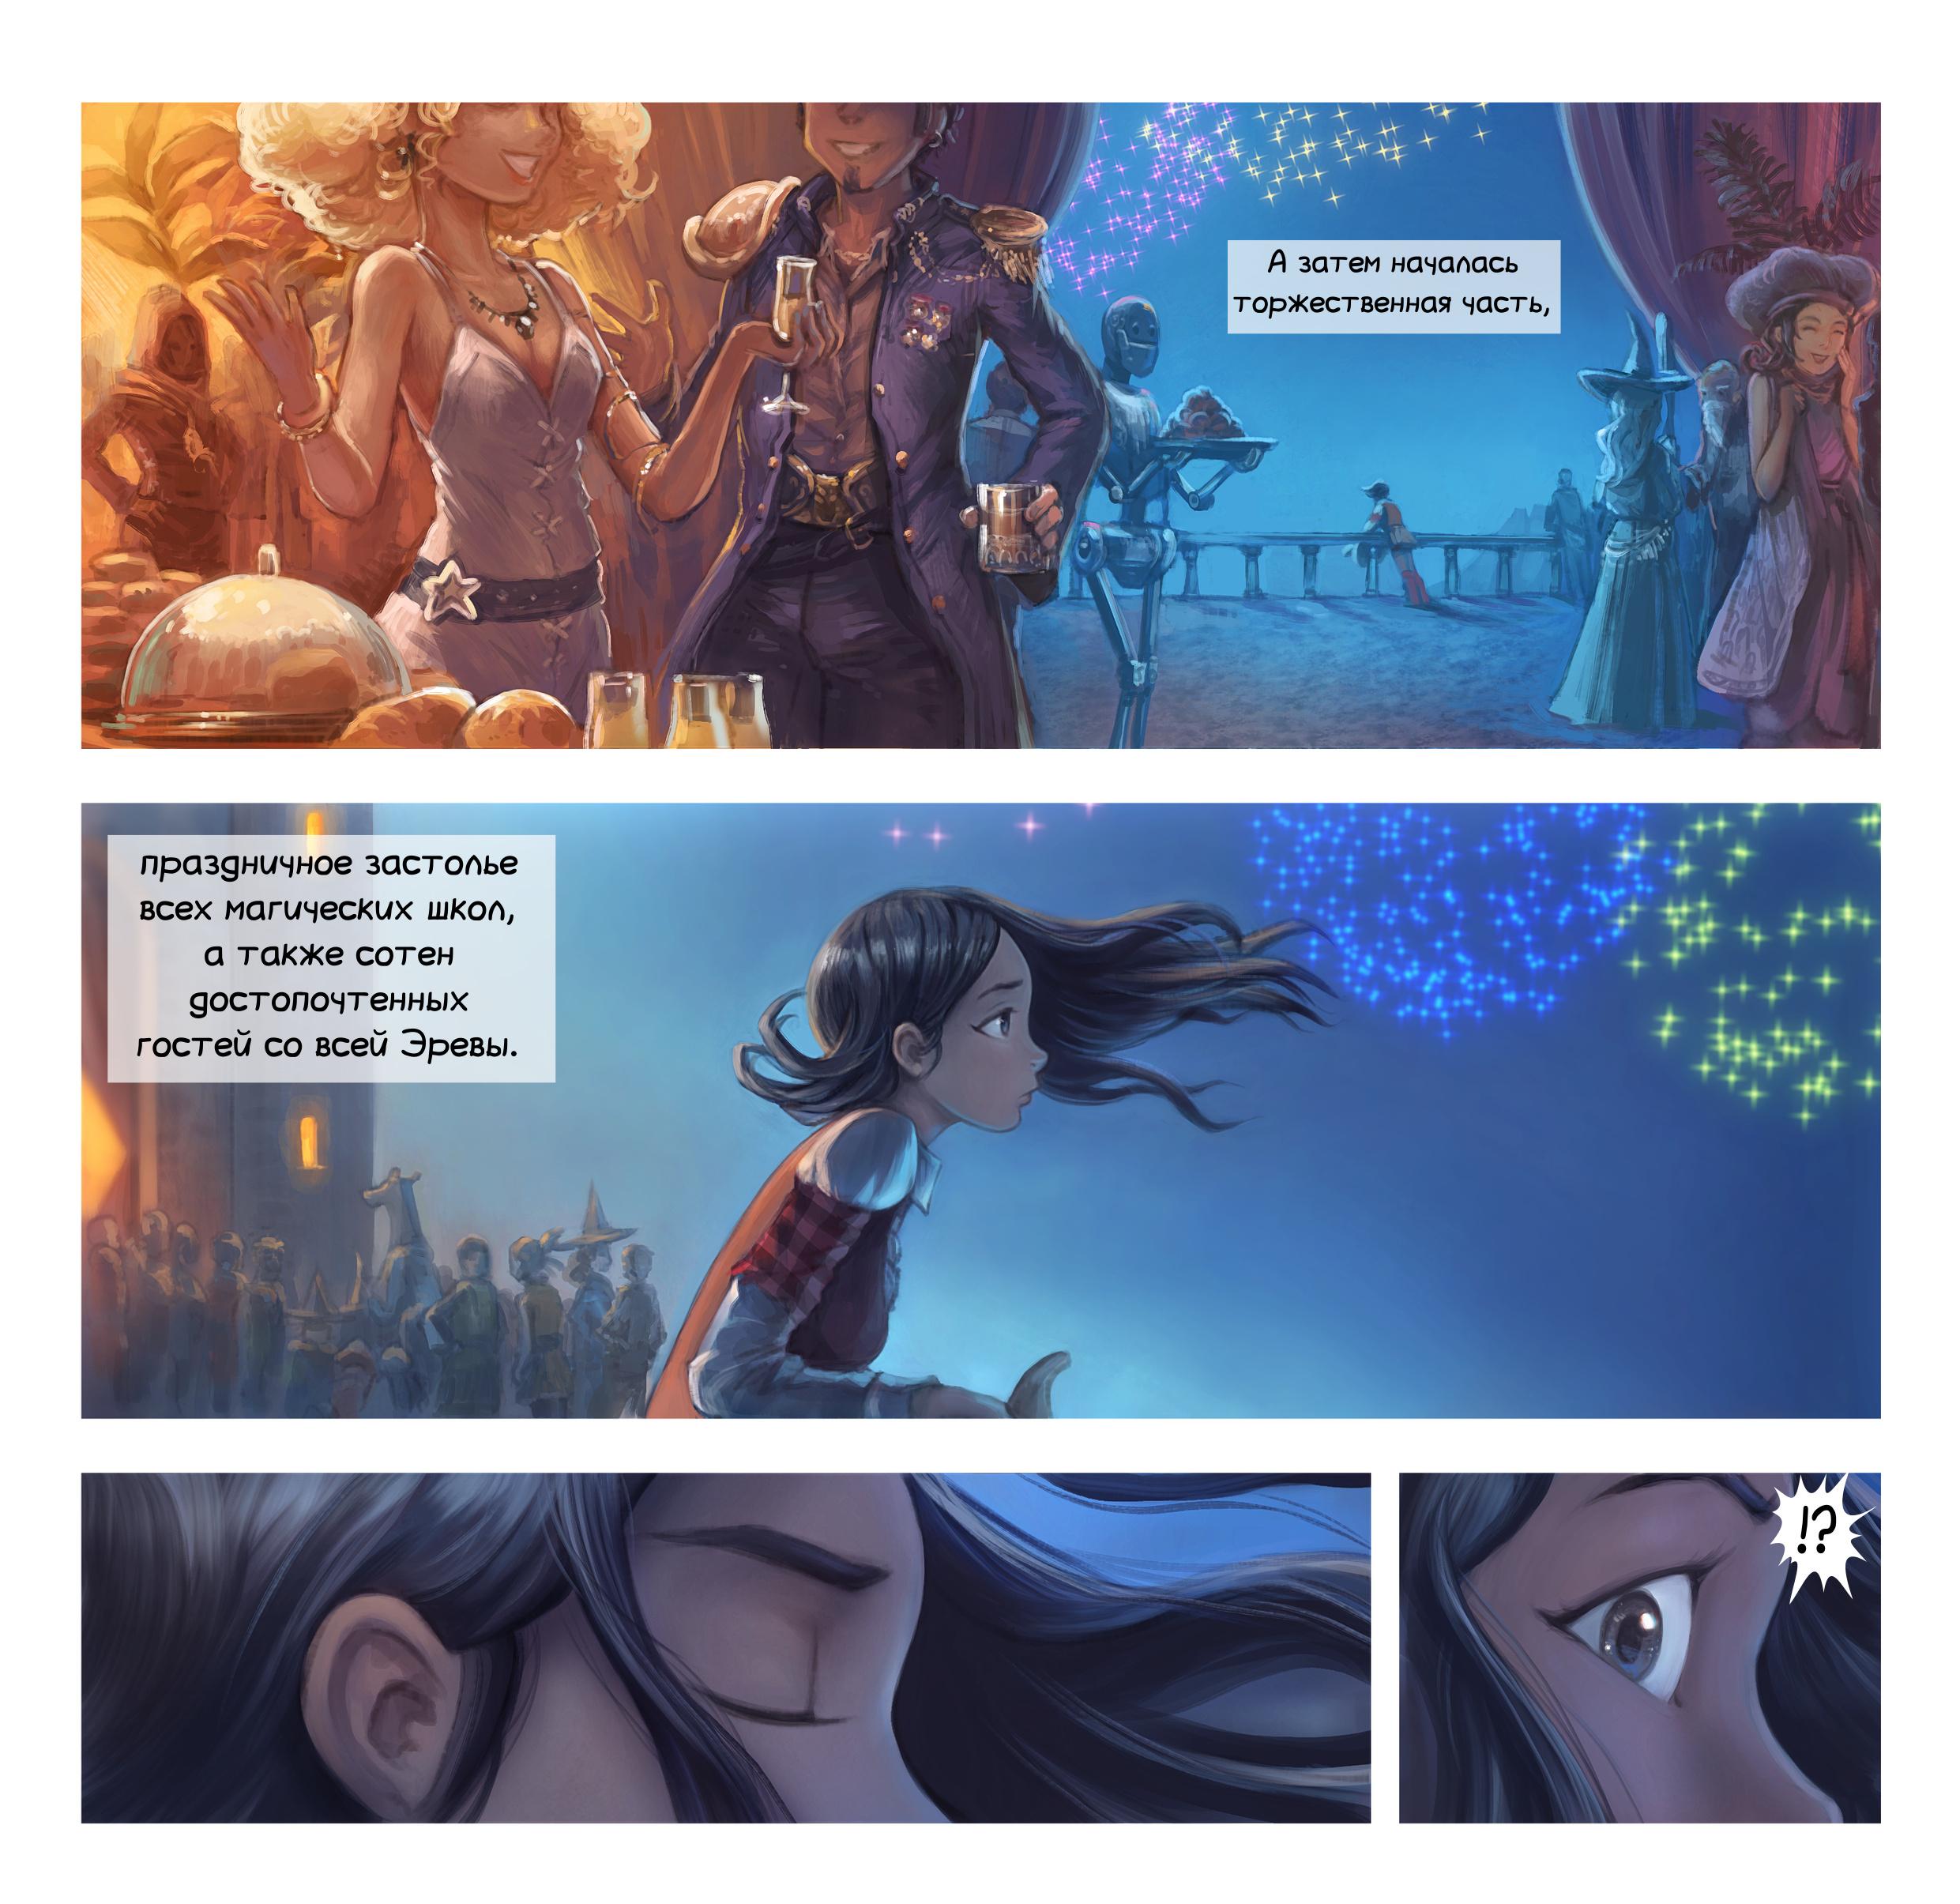 Эпизод 28: Торжественная часть, Page 3